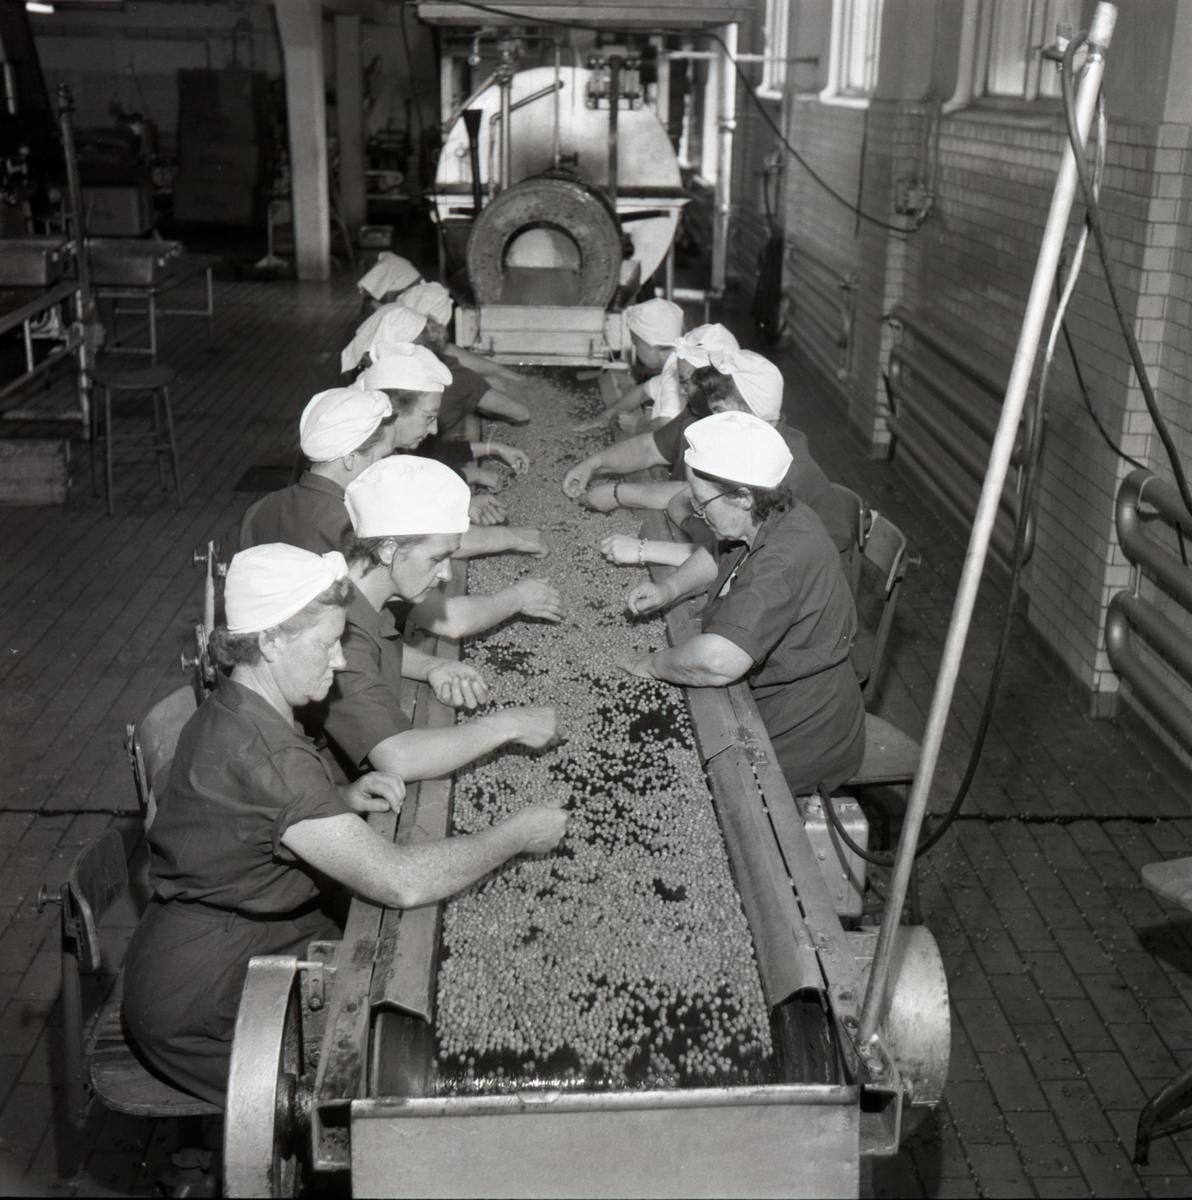 Interiör av Sirius konservfabrik vid Nykvarn. Fabrikschef var John Jolbäck.Fabriken konserverade ärtor i första hand. Flera kvinnor sitter vid ett löpande band och sorterar ärtor. Merparten av de anställda var kvinnor. Företaget avflyttades från Linköping 1954.